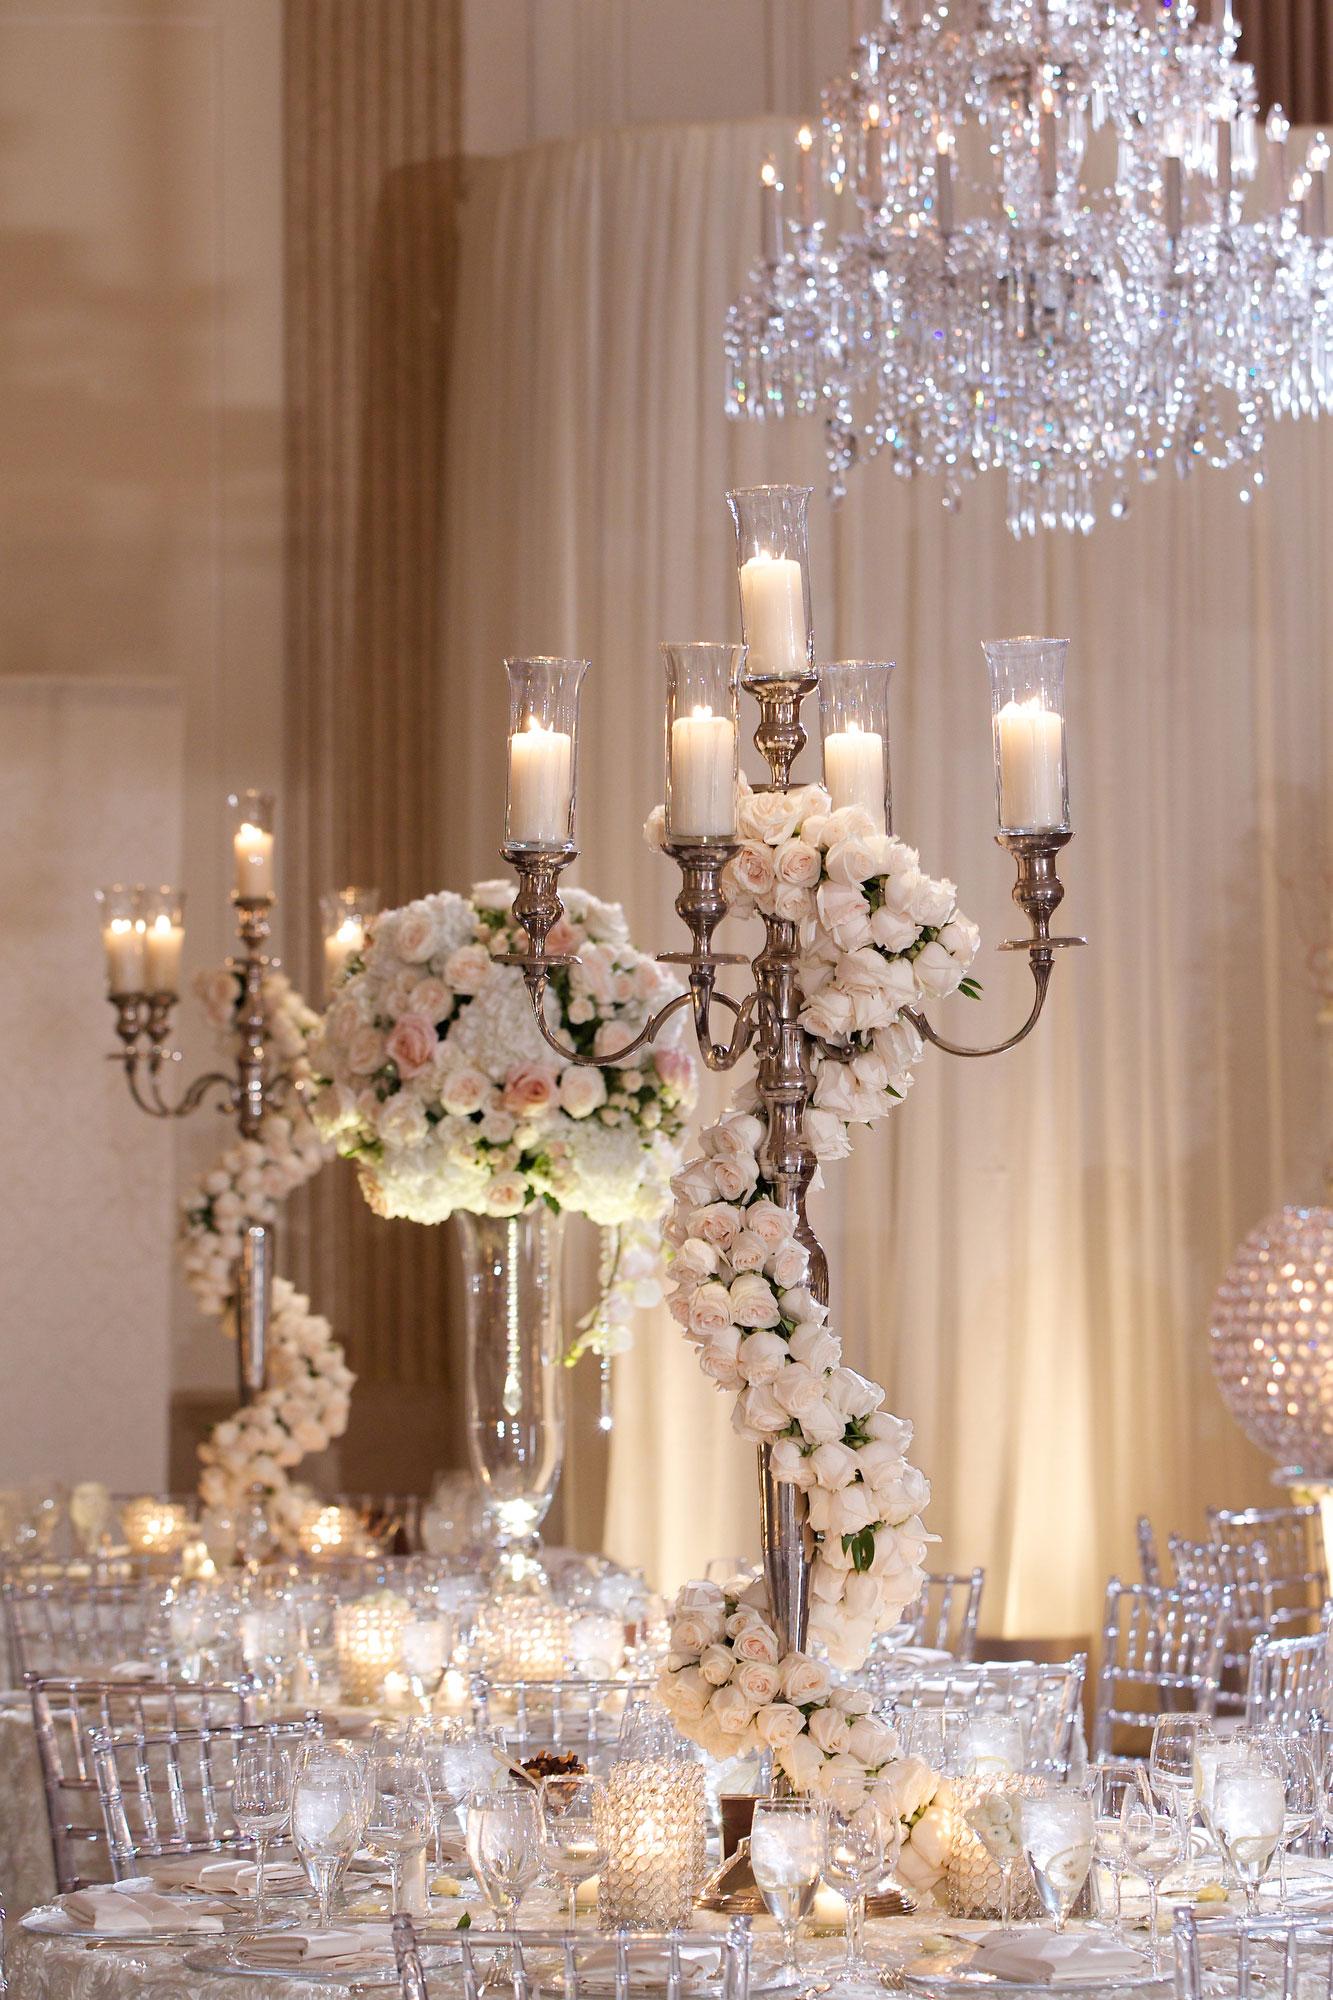 Đèn trang trí giúp cho đám cưới của bạn trở lên lung linh, huyền ảo hơn